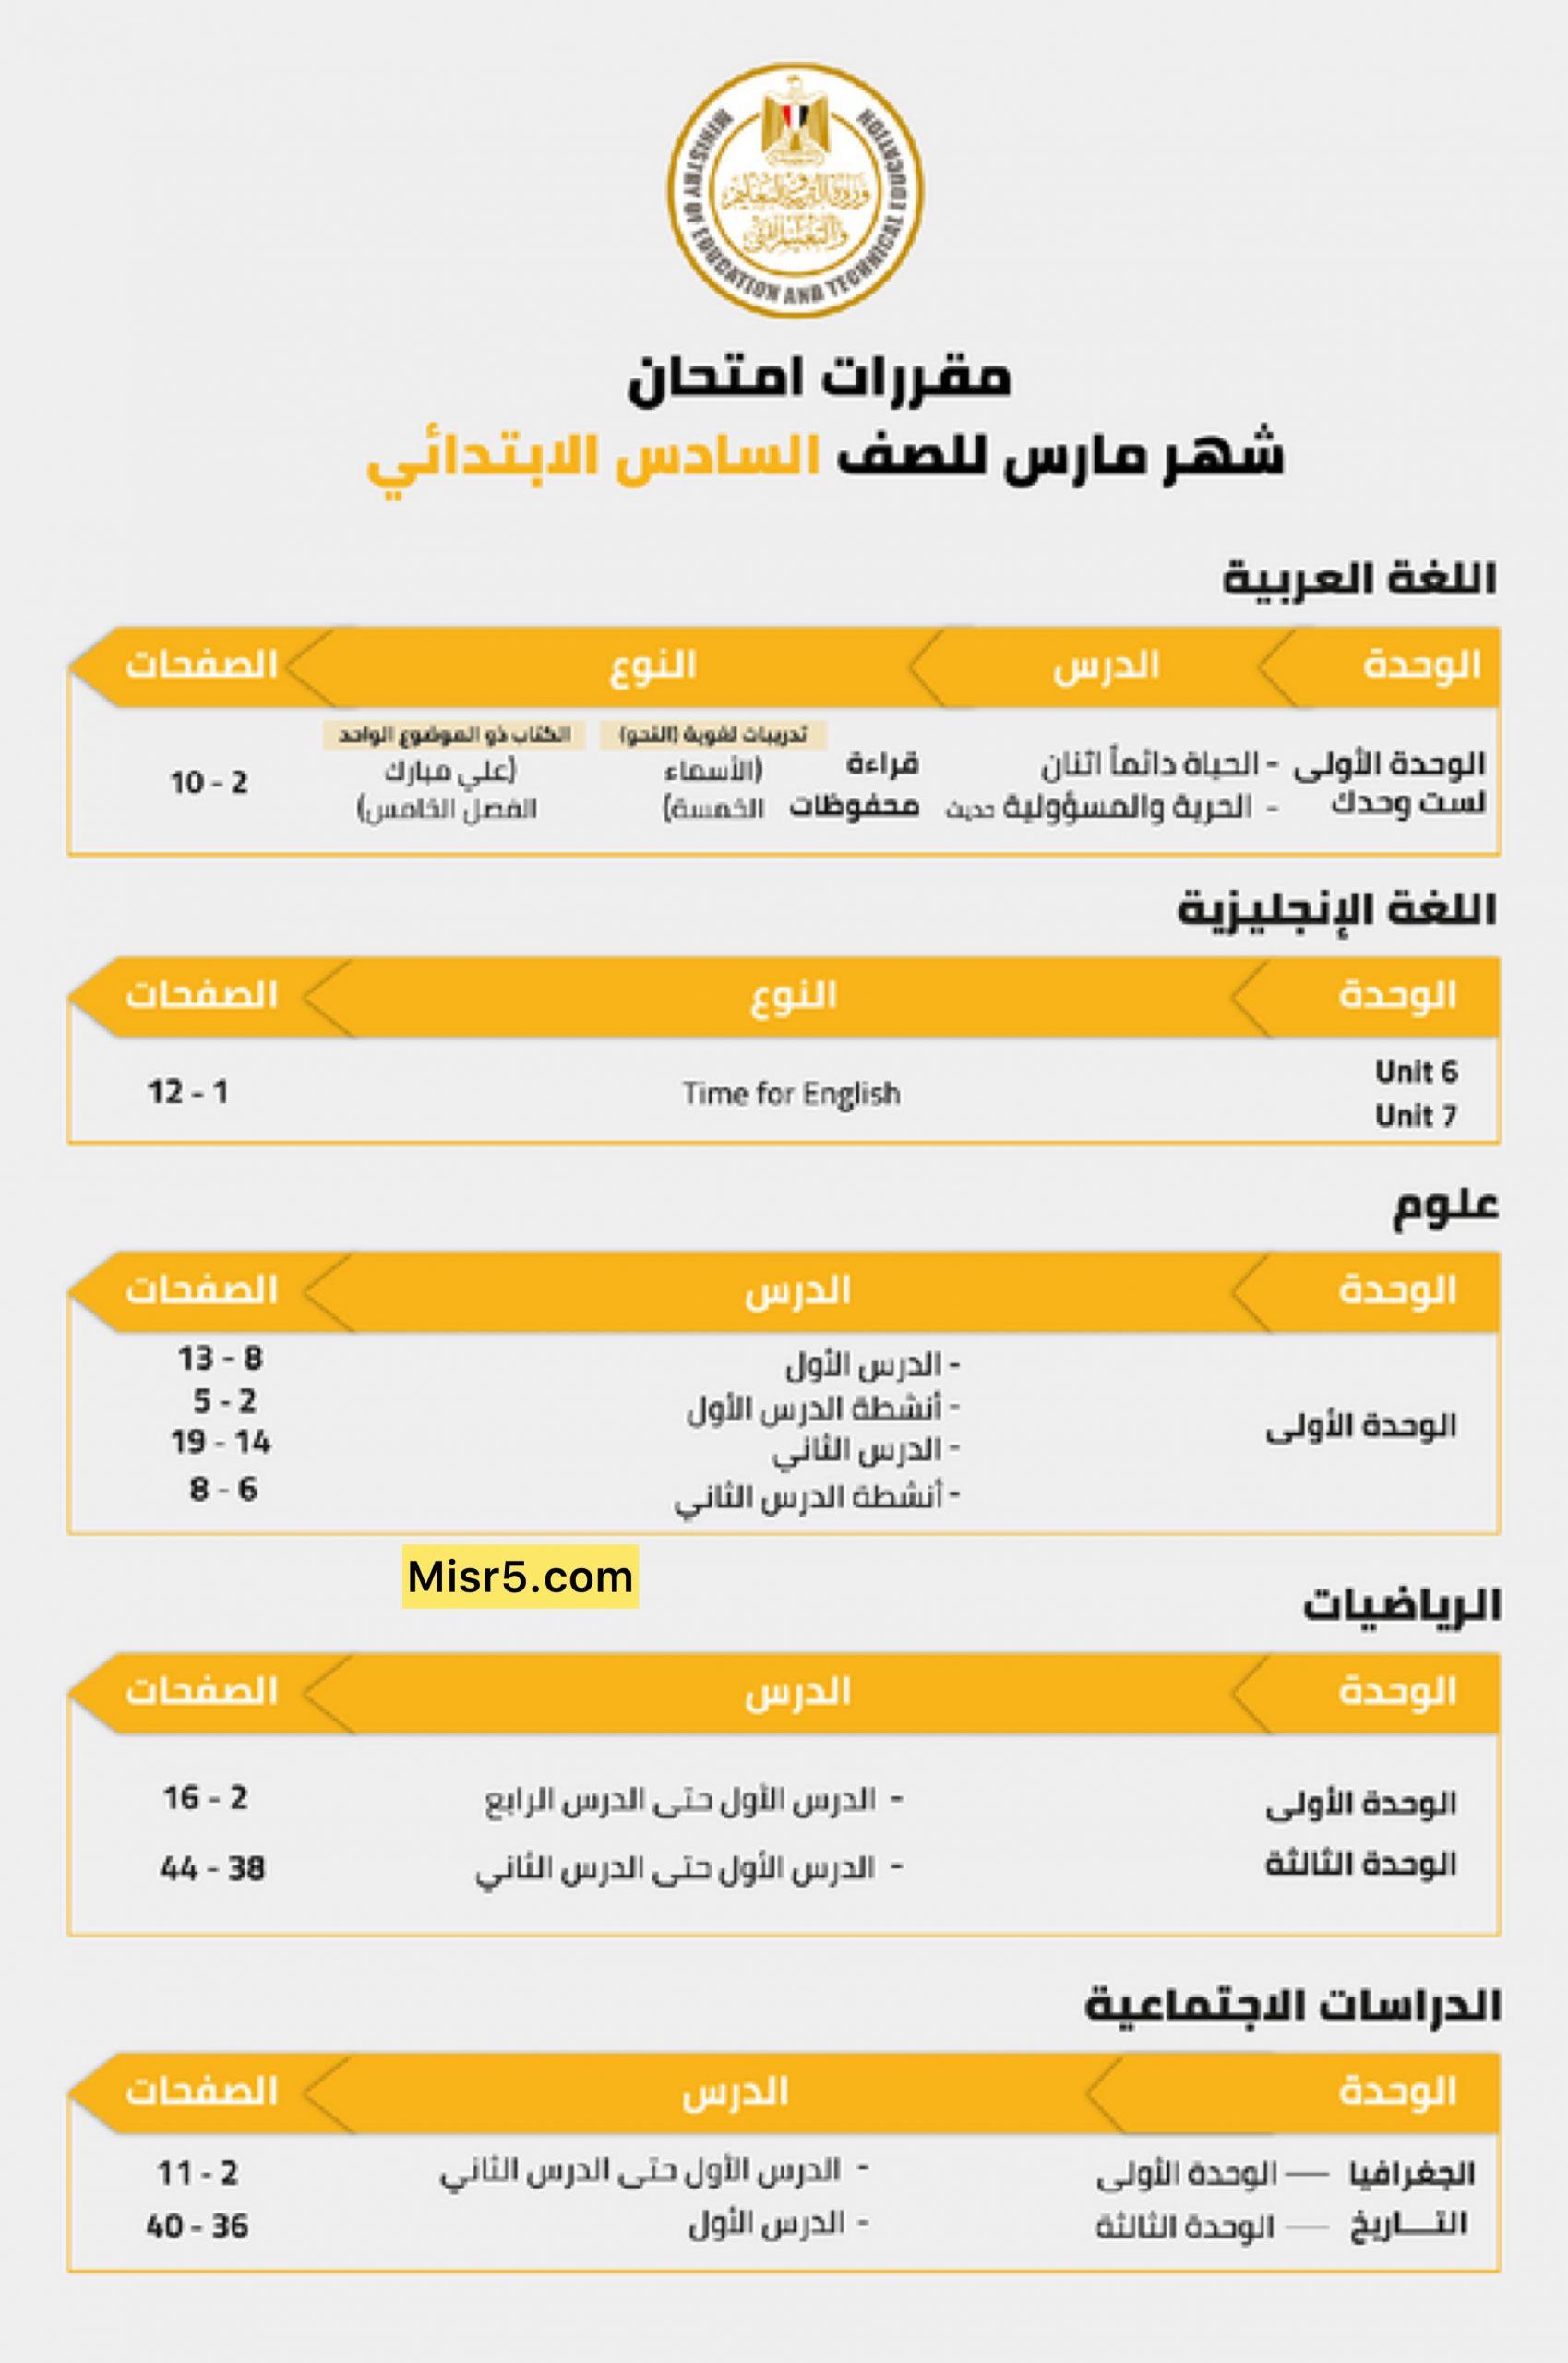 عاجل وزارة التربية والتعليم | تعلن مقررات مراحل الإبتدائية والإعدادية لشهر مارس 1